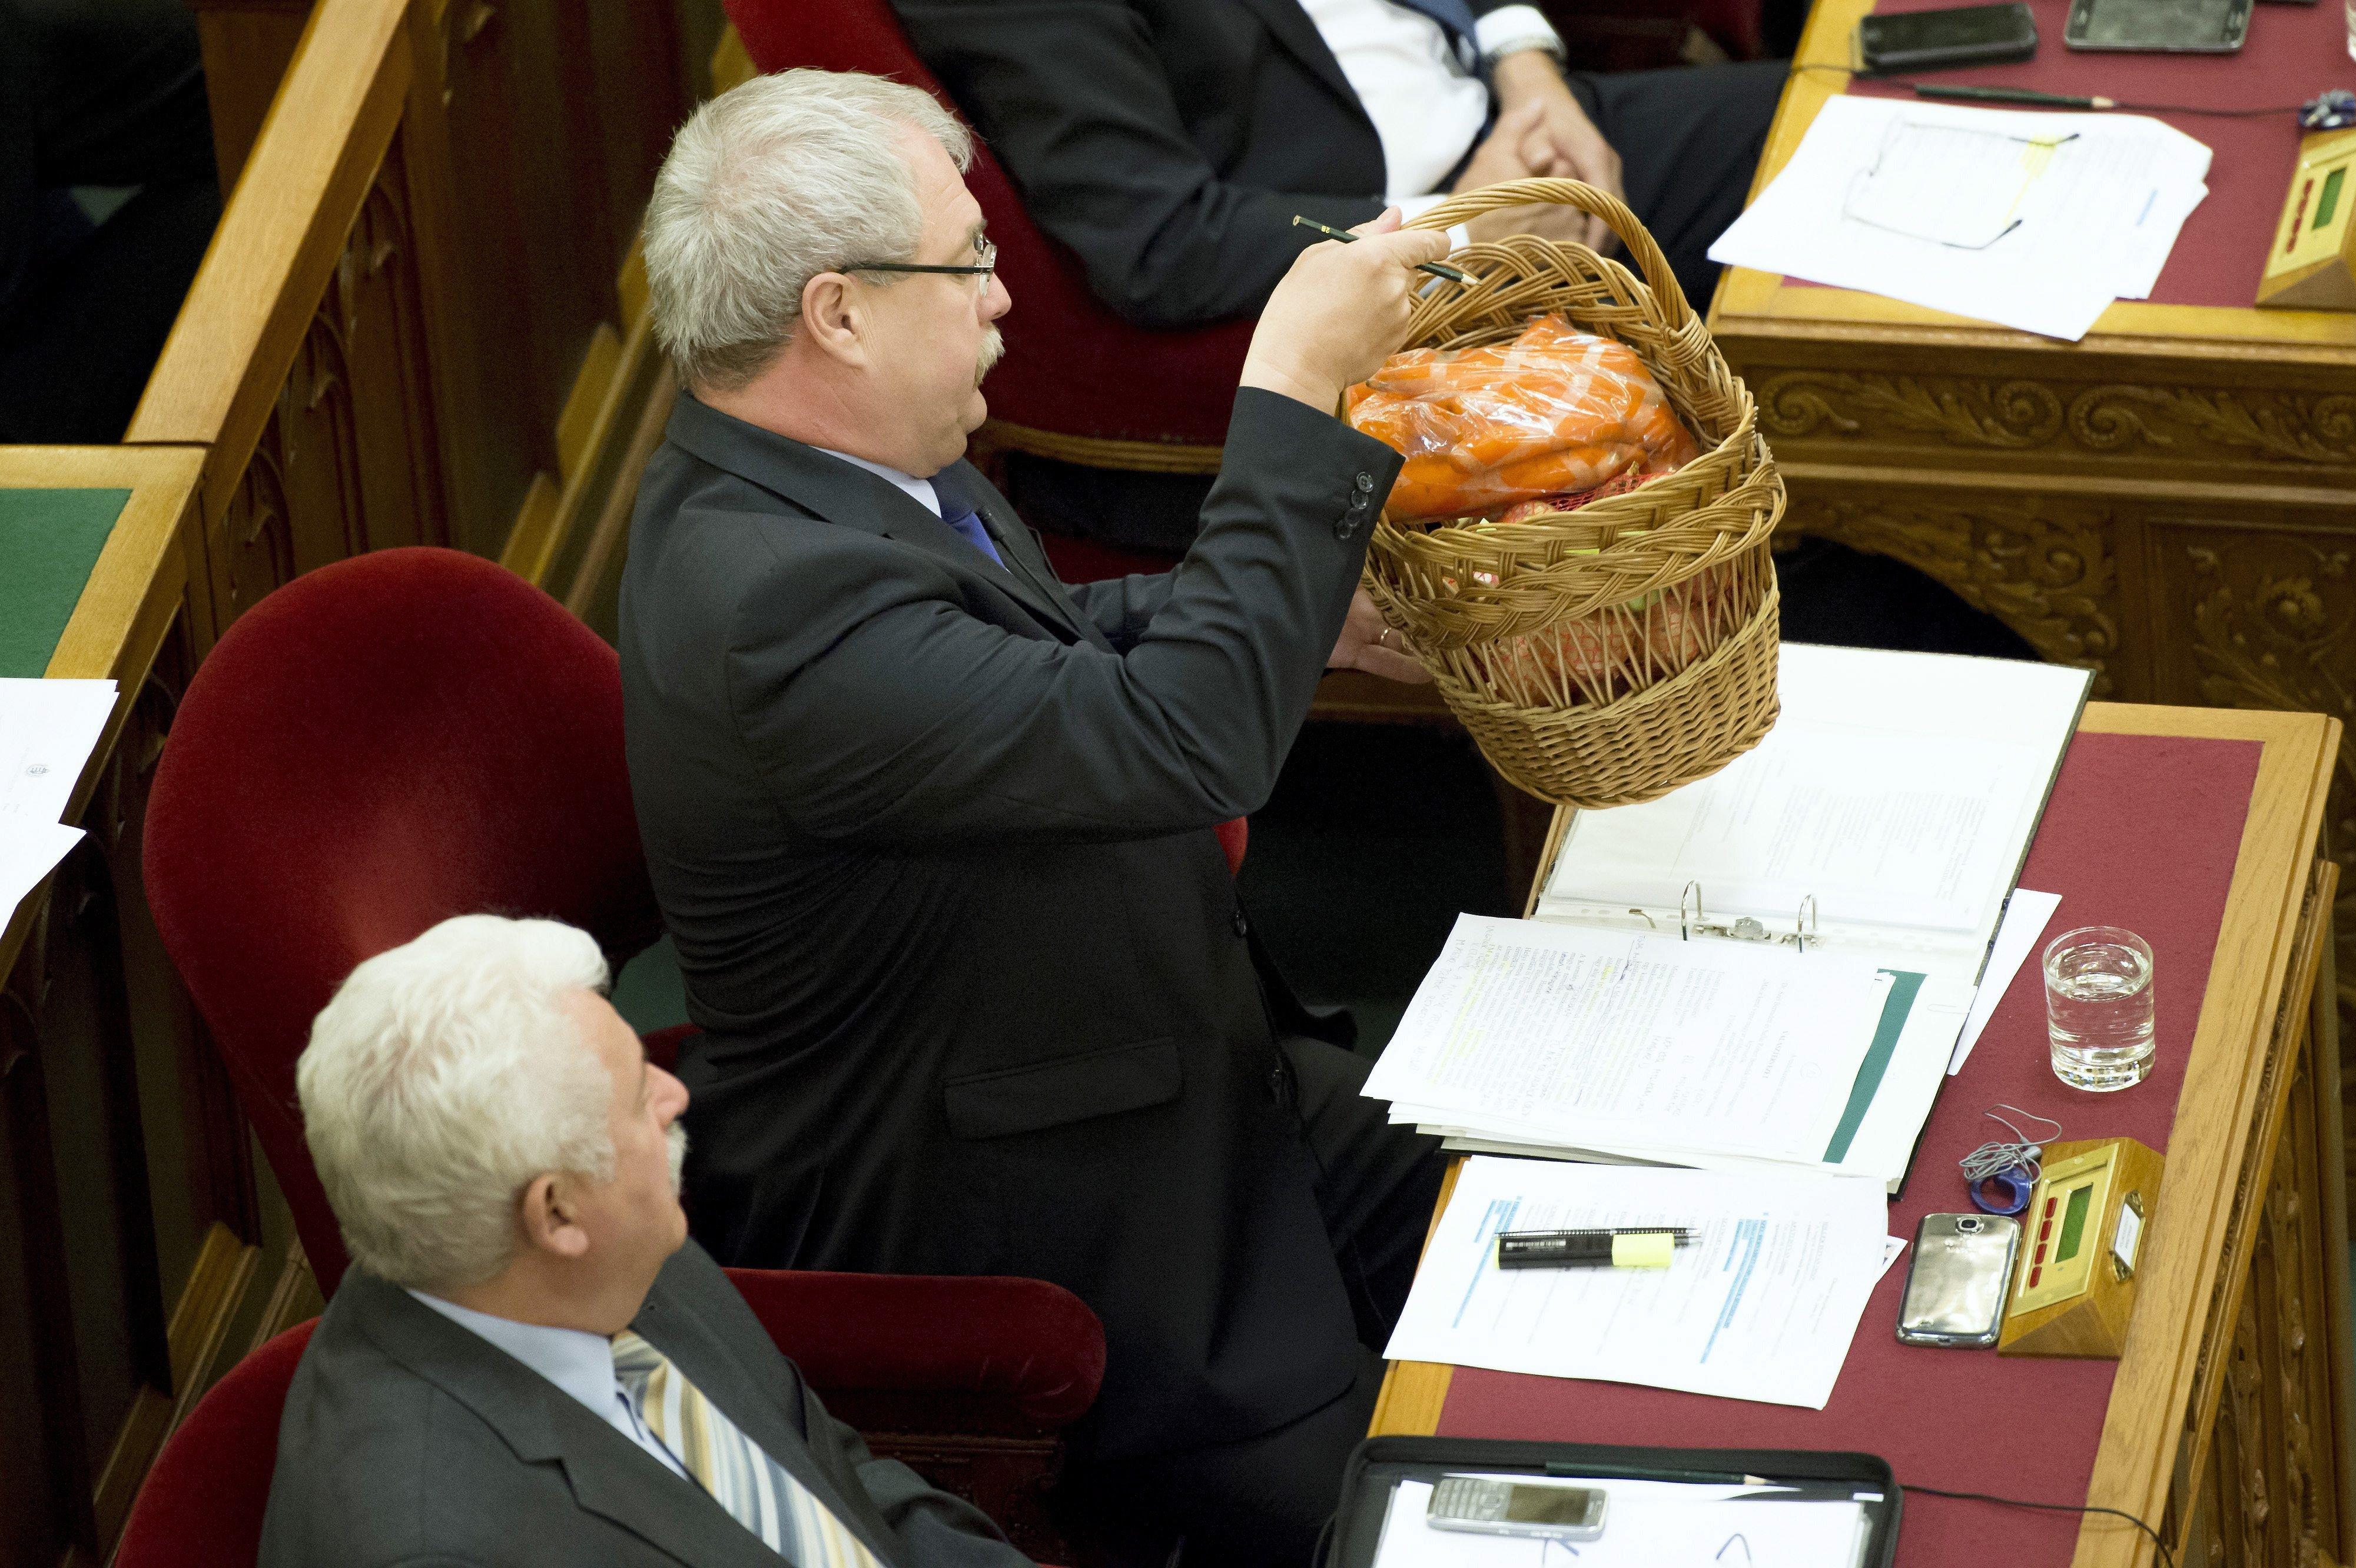 Fazekas Sándor a parlamentben beszélt arról, milyen jól végezte a munkáját a vízumgyáros Kiss Szilárd